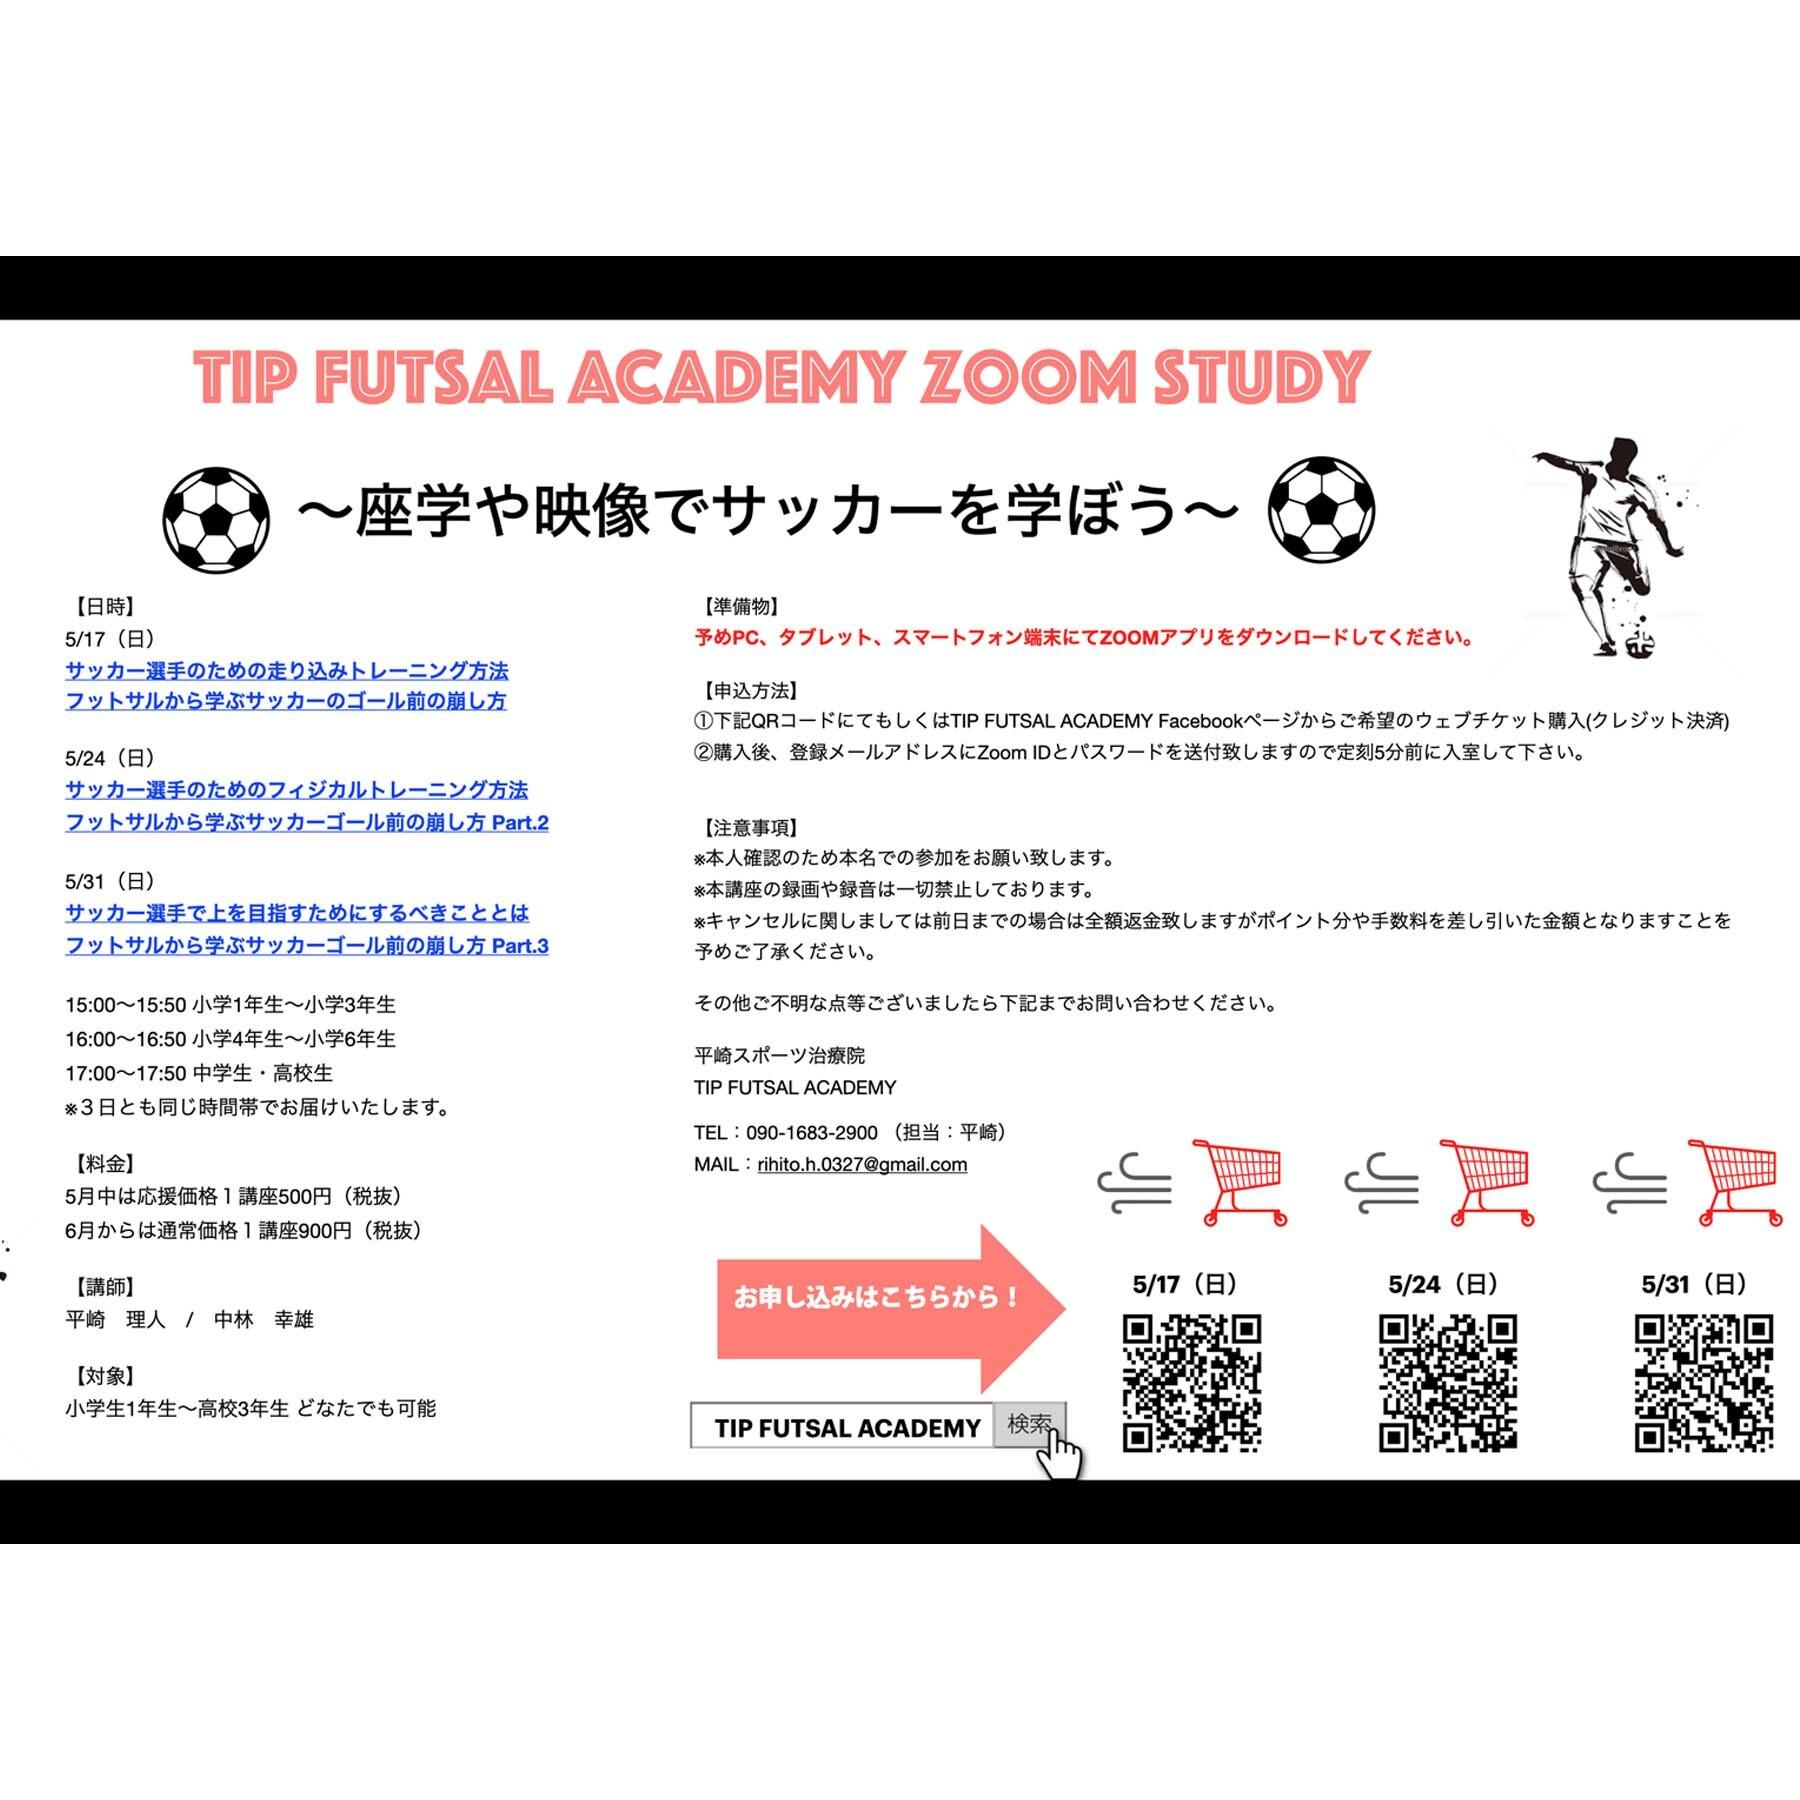 【2020年5月17日分】サッカー選手のための走り込みトレーニング方法/フットサルから学ぶサッカーゴール前の崩し方Part.1 のイメージその1